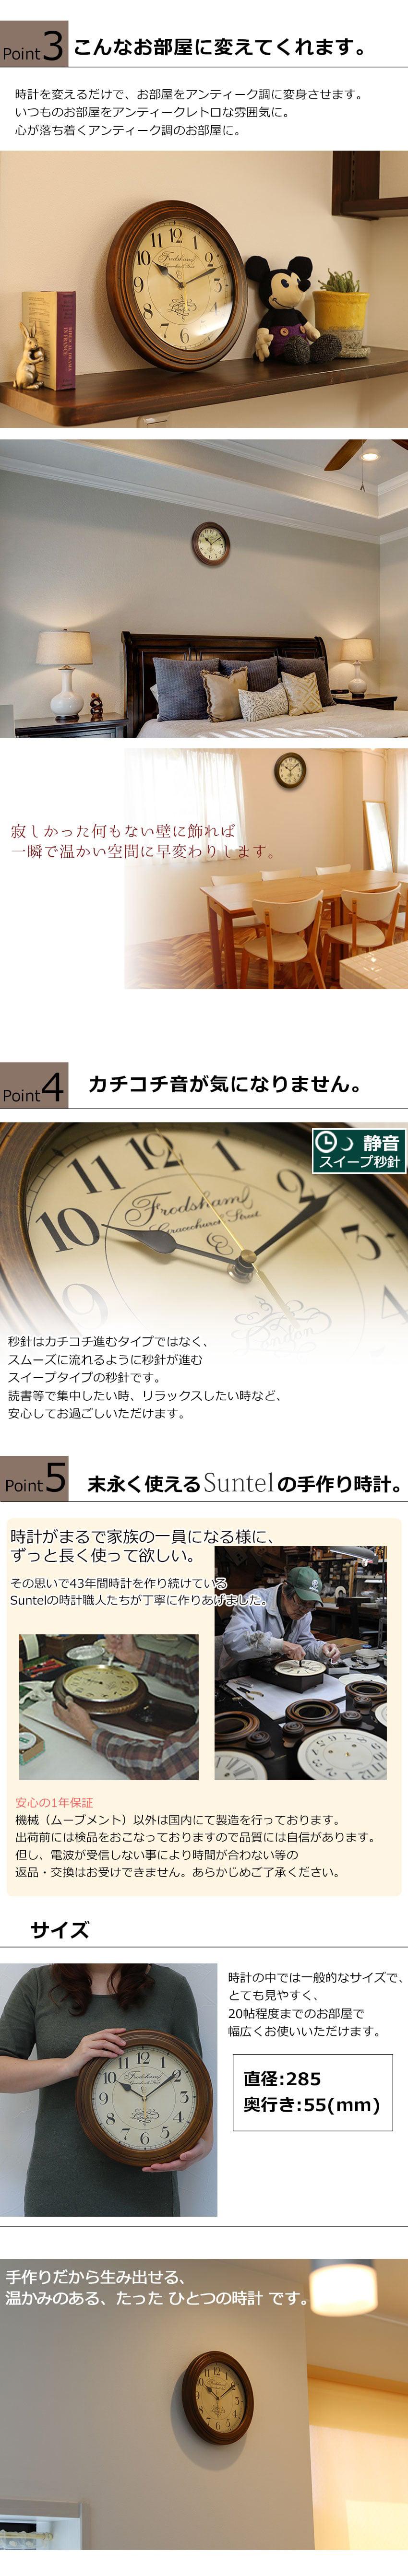 日本製 アンティーク 電波 掛け時計 1